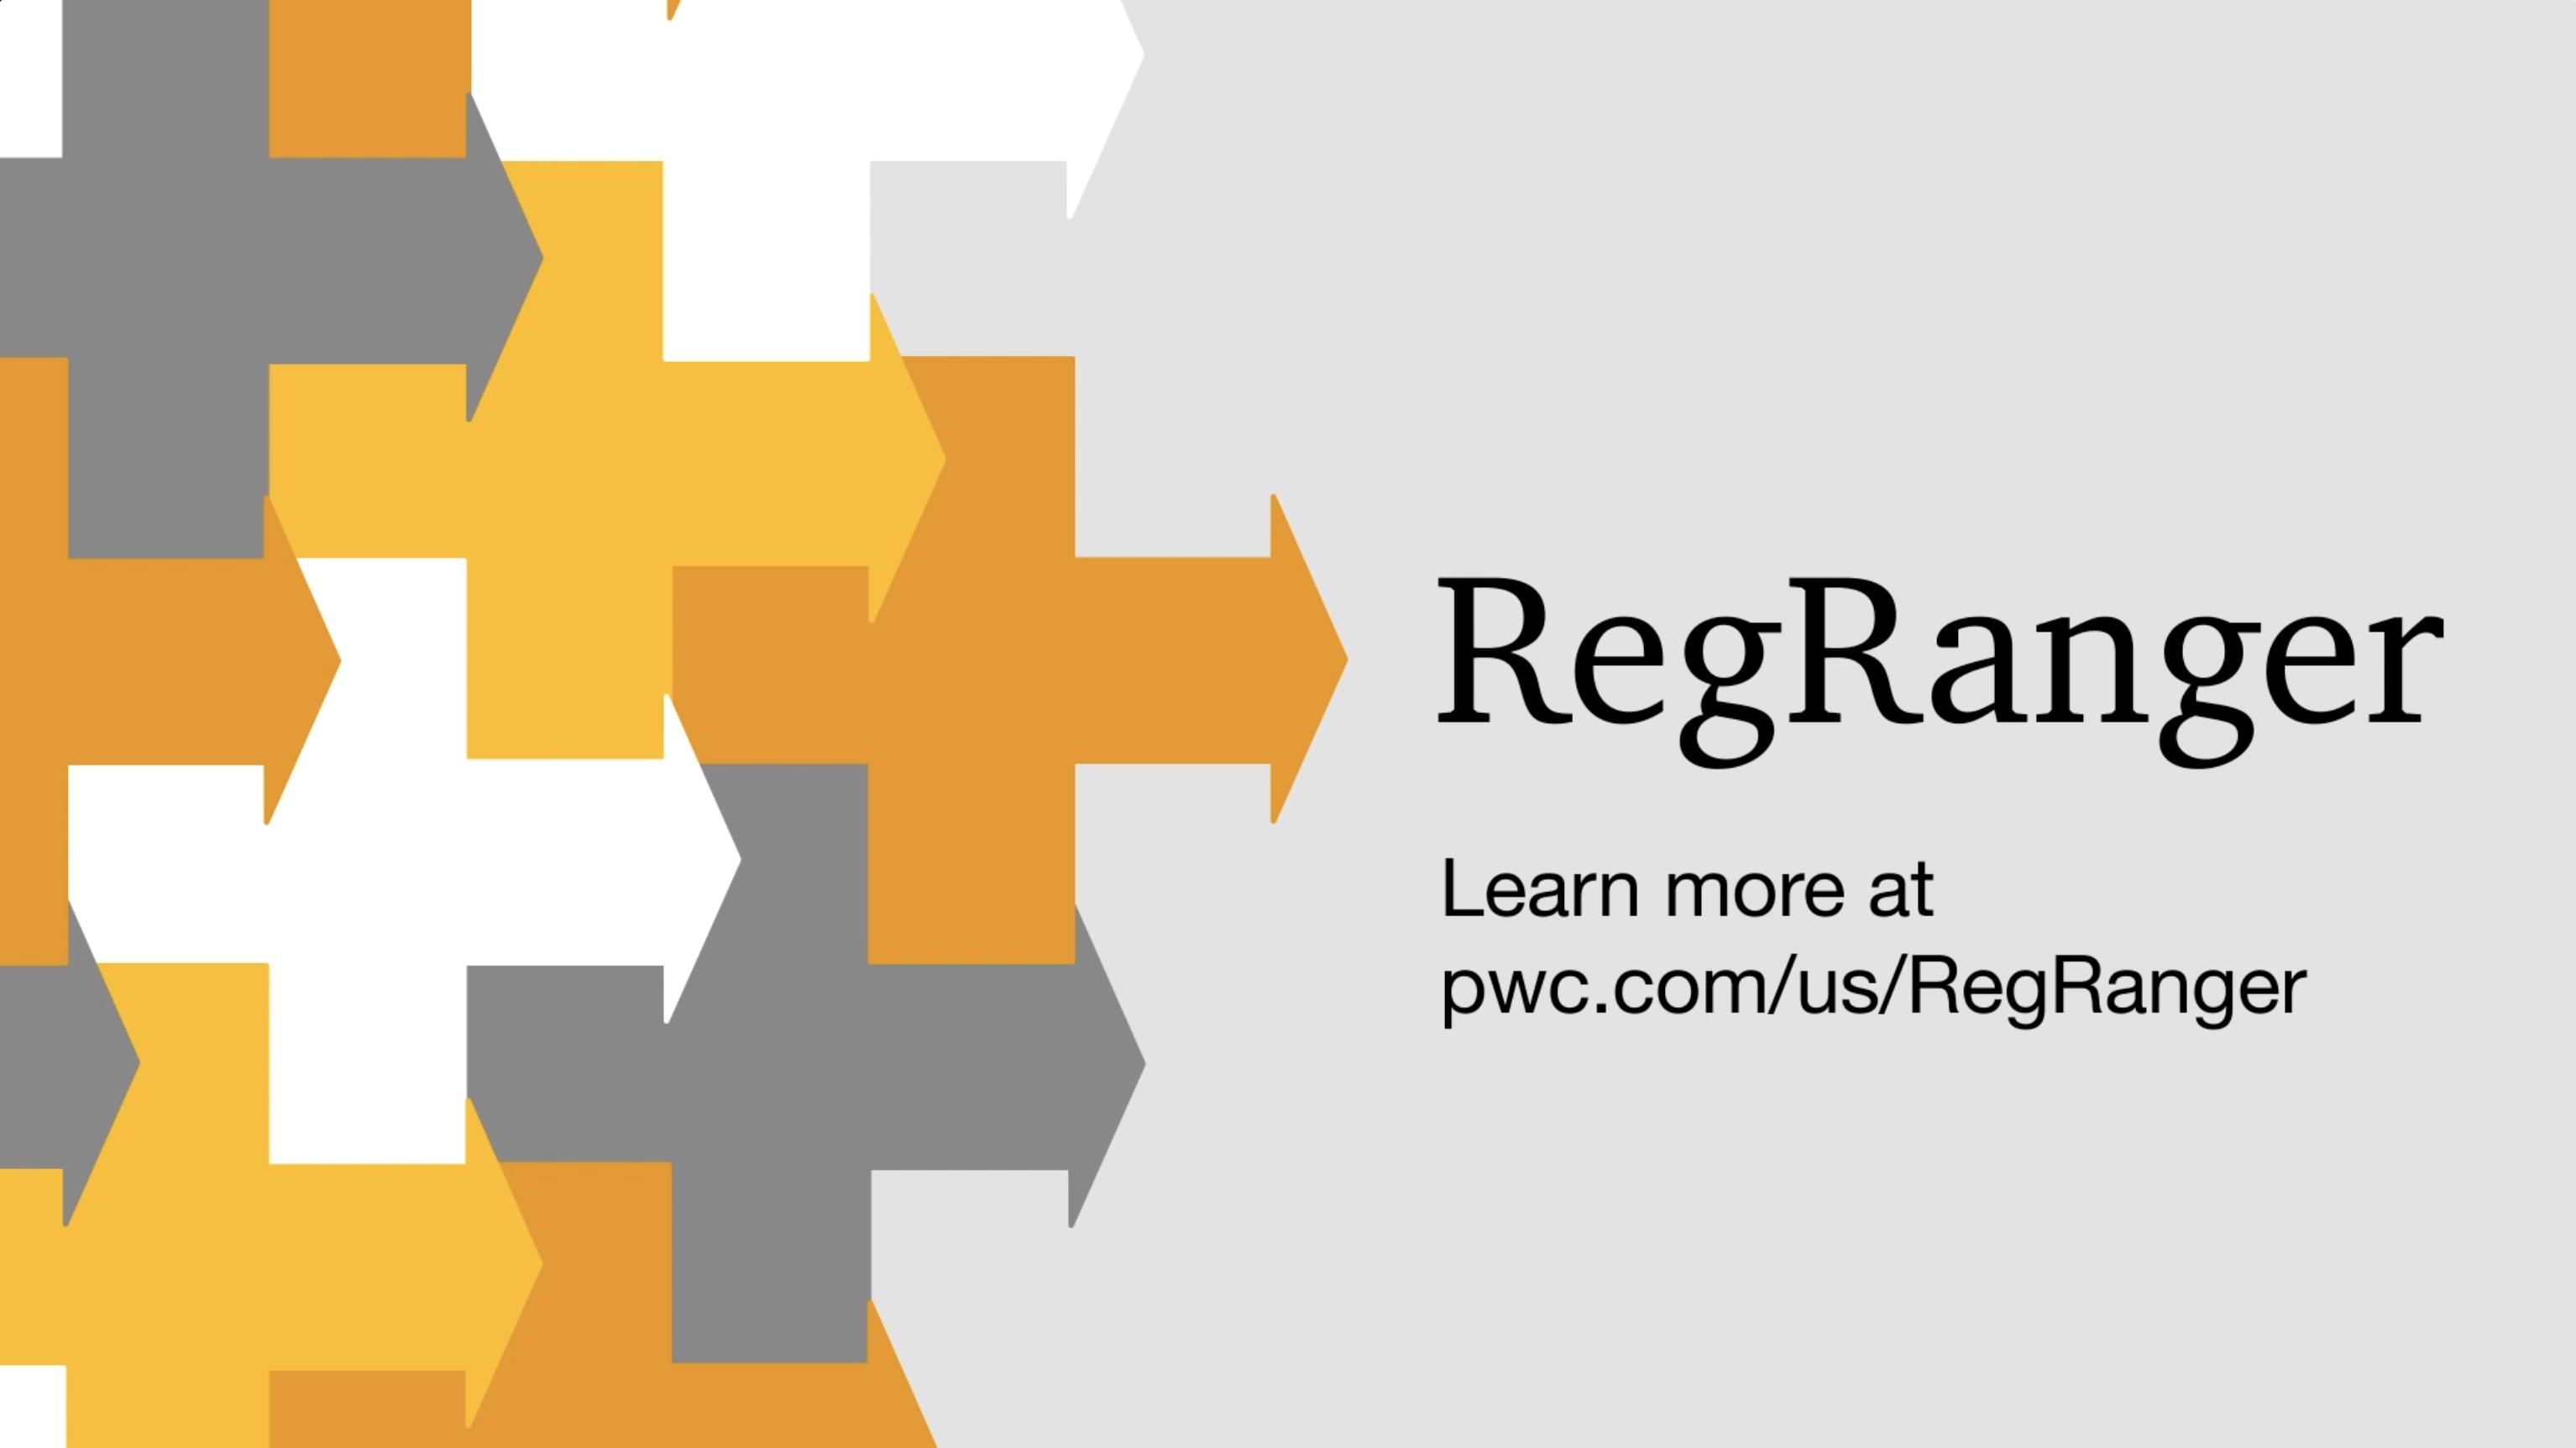 Reg Ranger